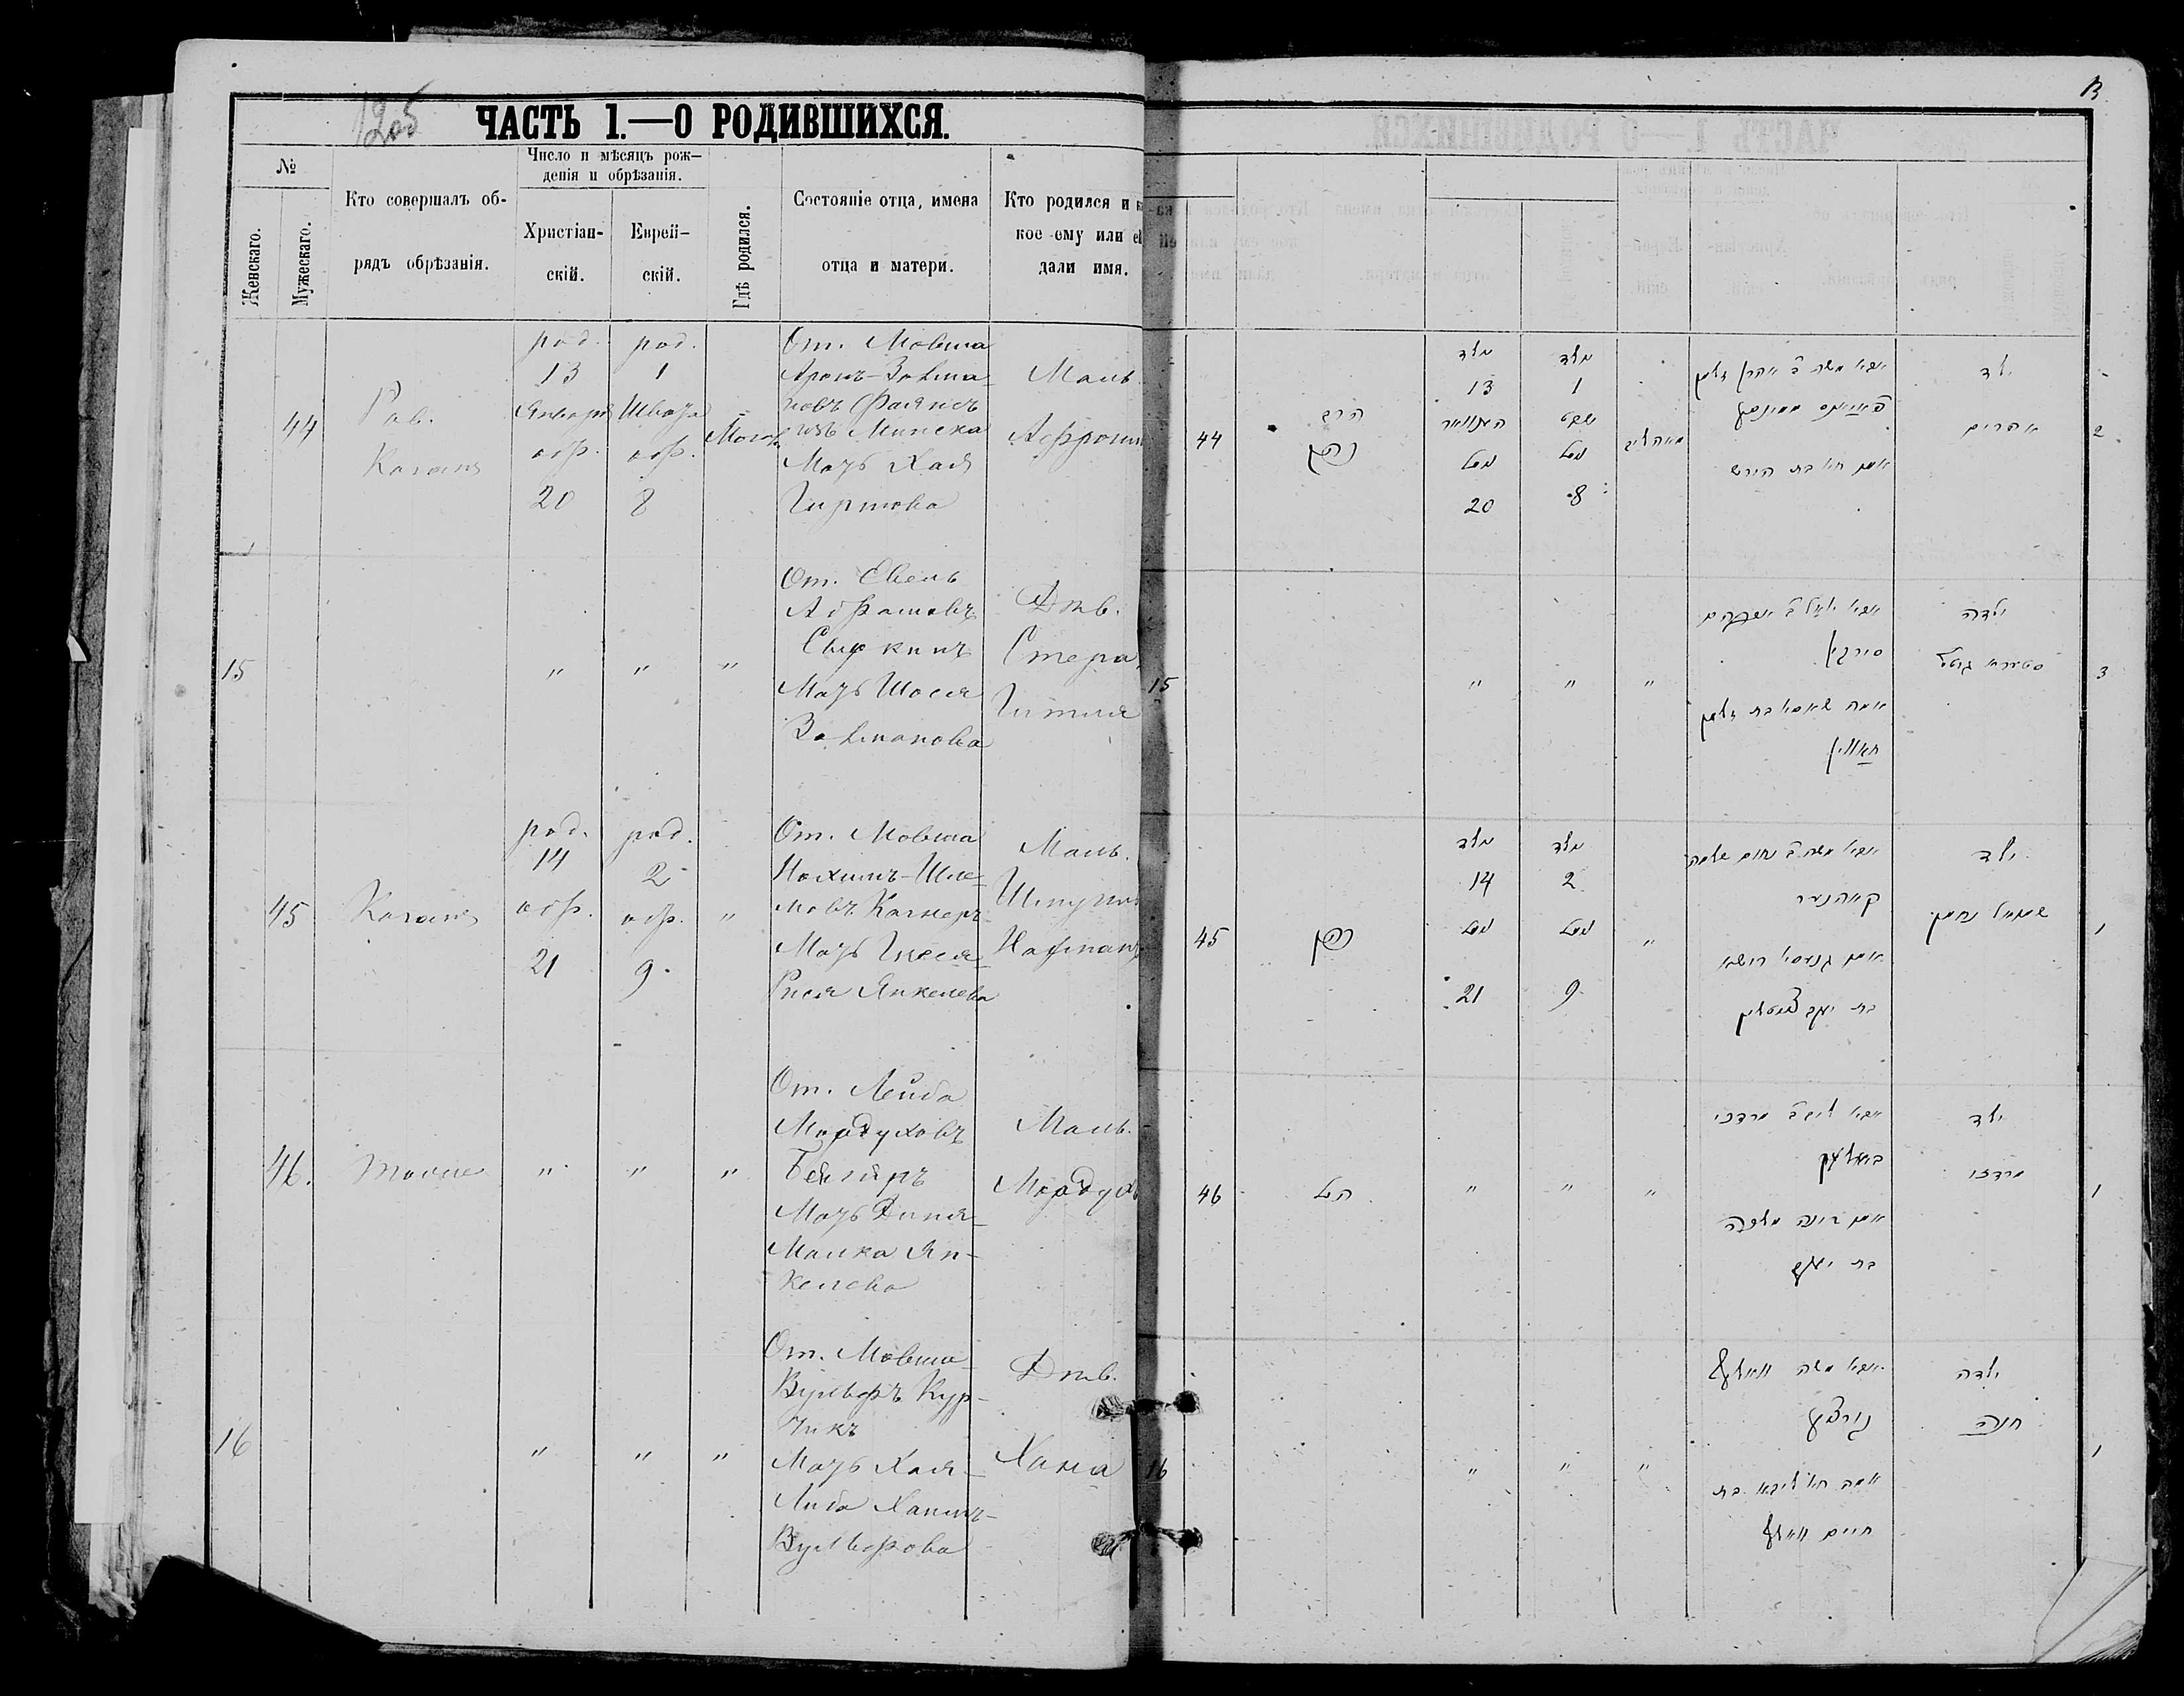 Хана Мовша-Вульфовна Курчик 21 января 1879, запись 16, пленка 007766481, снимок 900